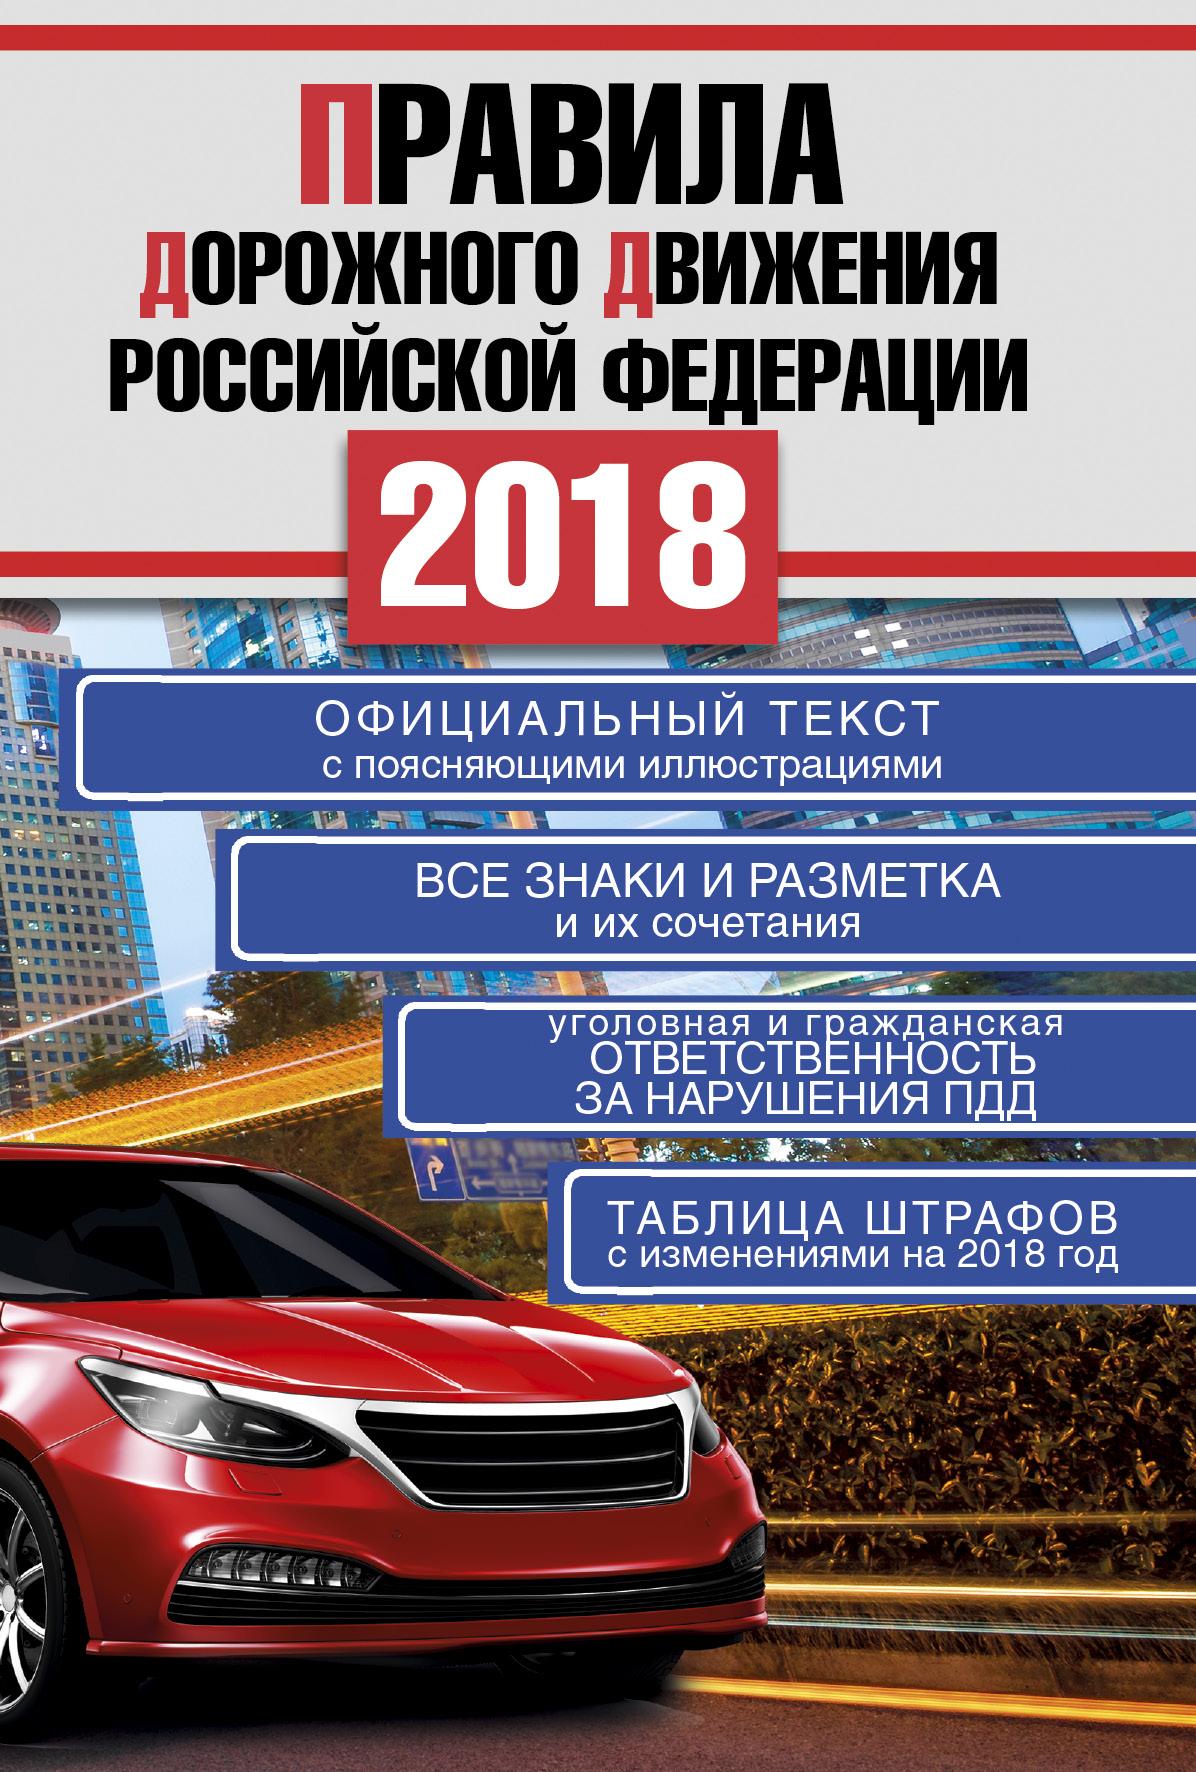 . Правила дорожного движения Российской Федерации на 2018 год плакаты и макеты по правилам дорожного движения где купить в спб